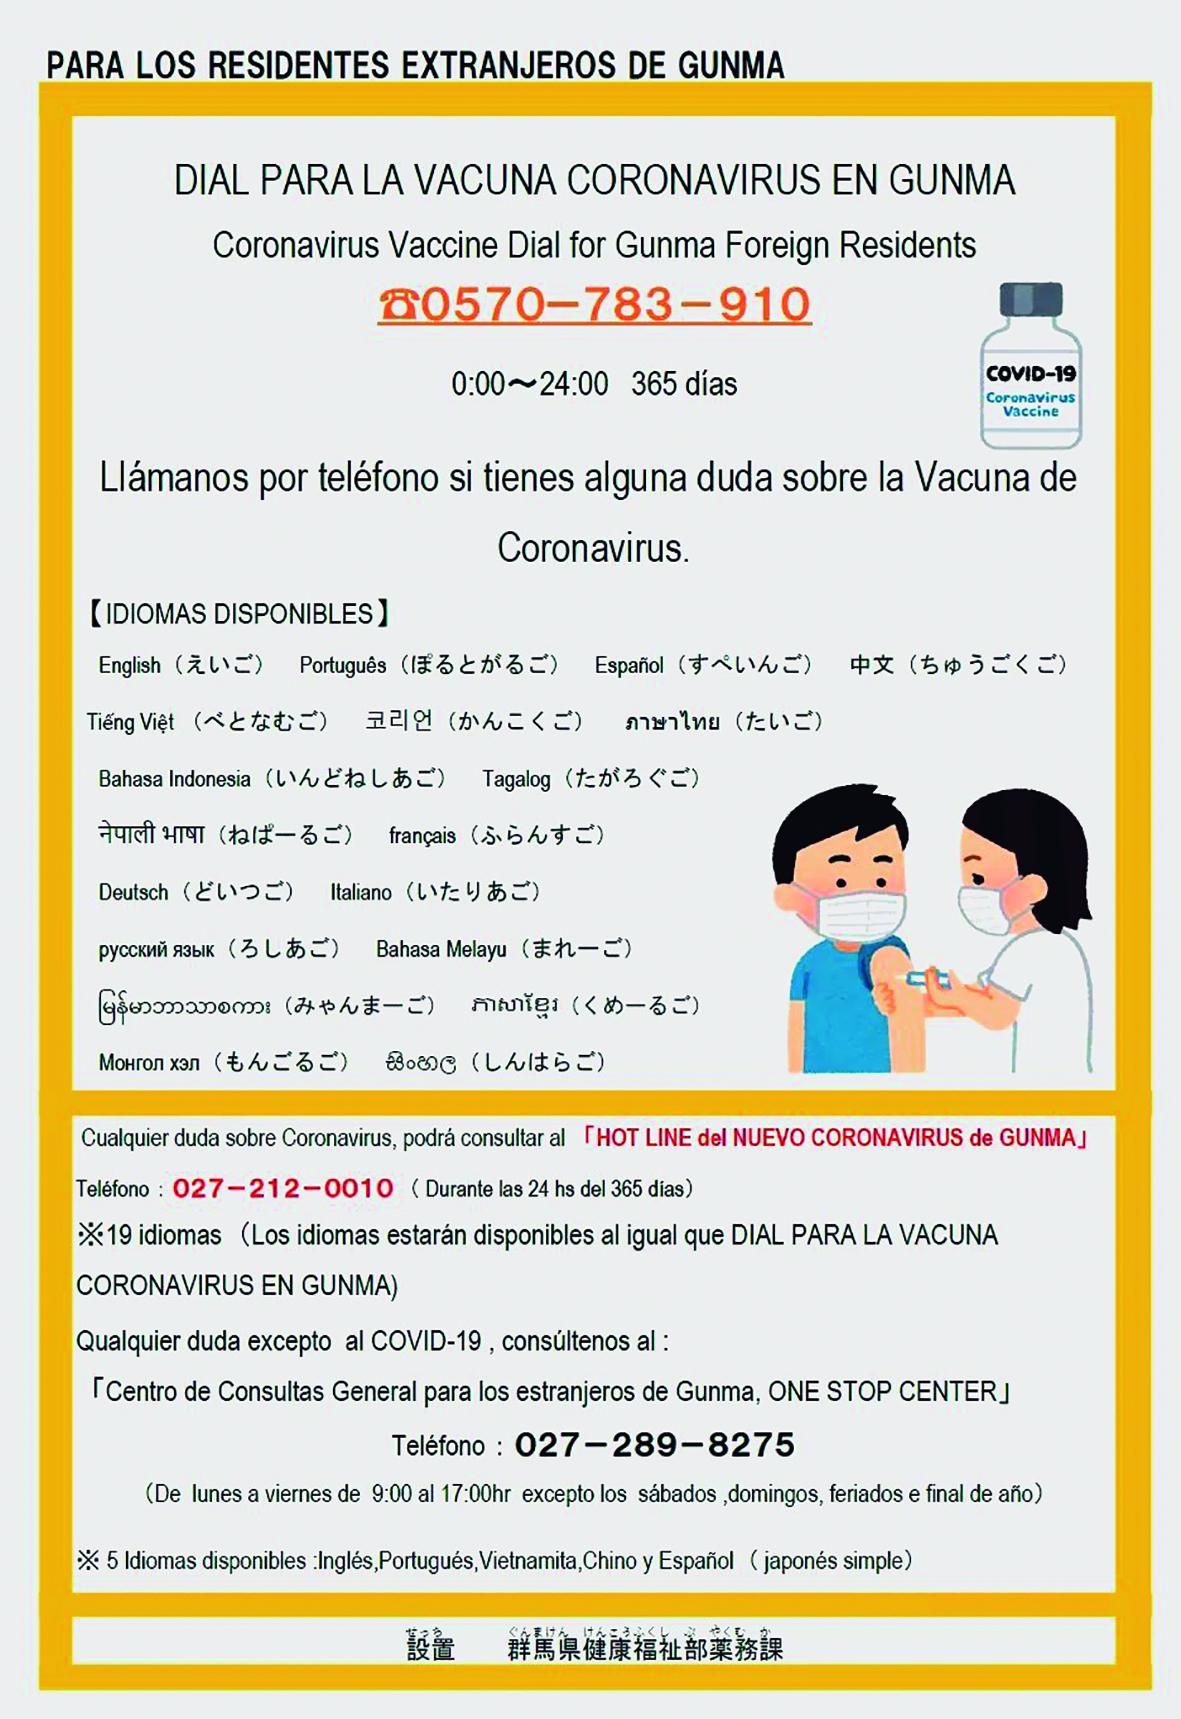 En Gunma han habilitado un número de teléfono que resuelve inquietudes sobre las vacunas en hasta 20 idiomas.